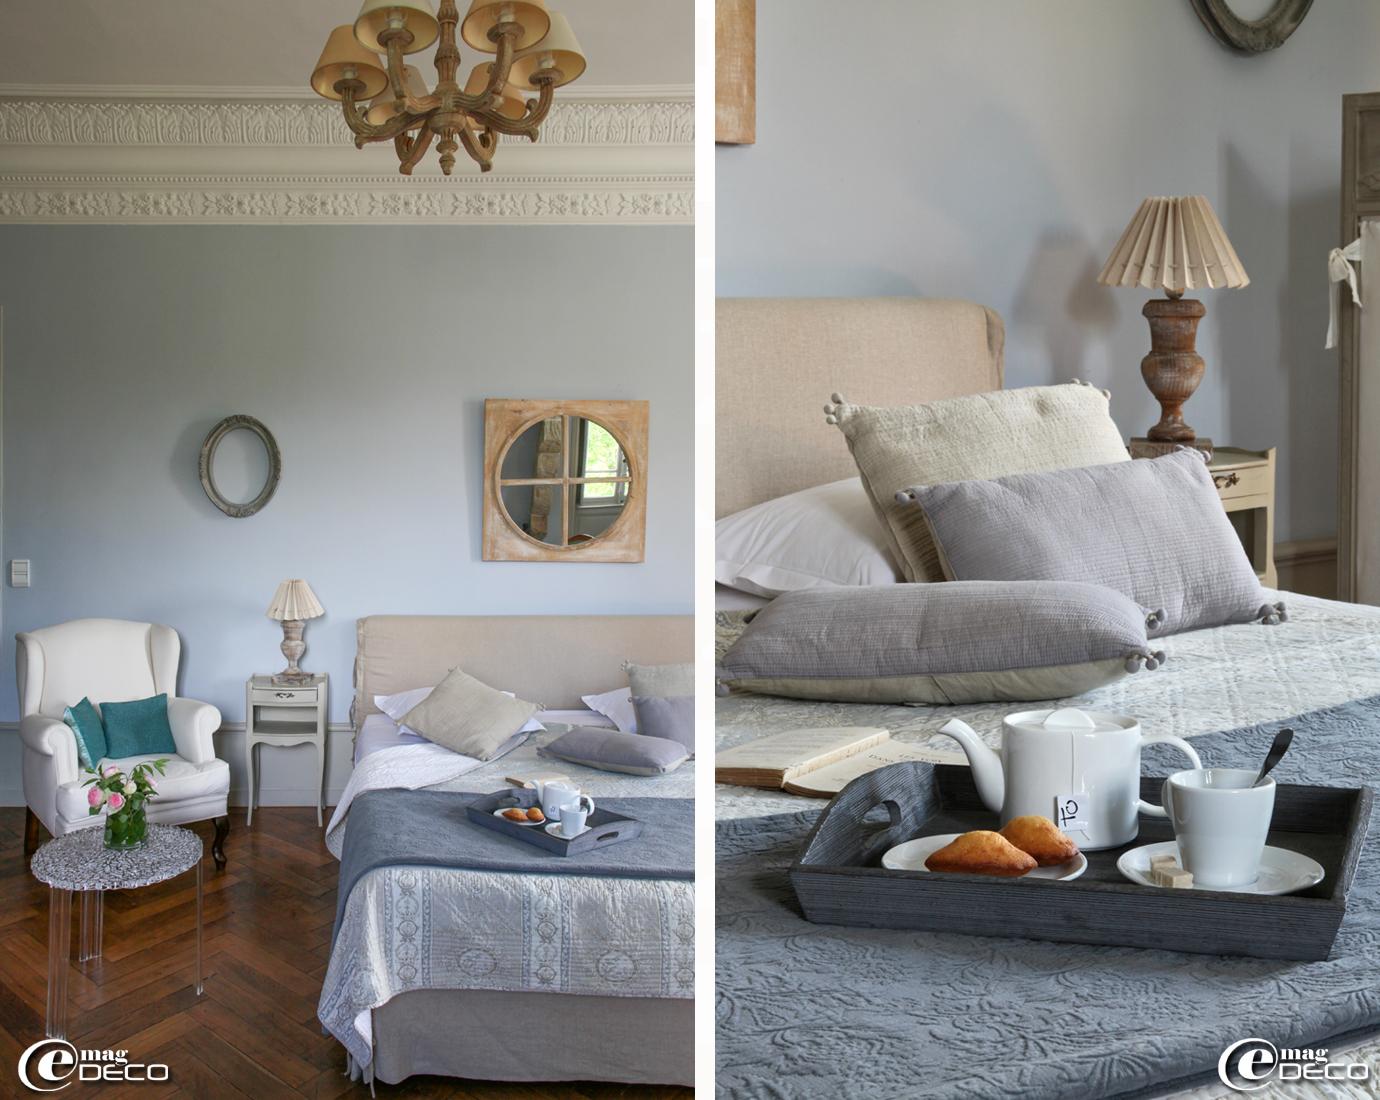 ch teau cl ment e magdeco magazine de d coration. Black Bedroom Furniture Sets. Home Design Ideas